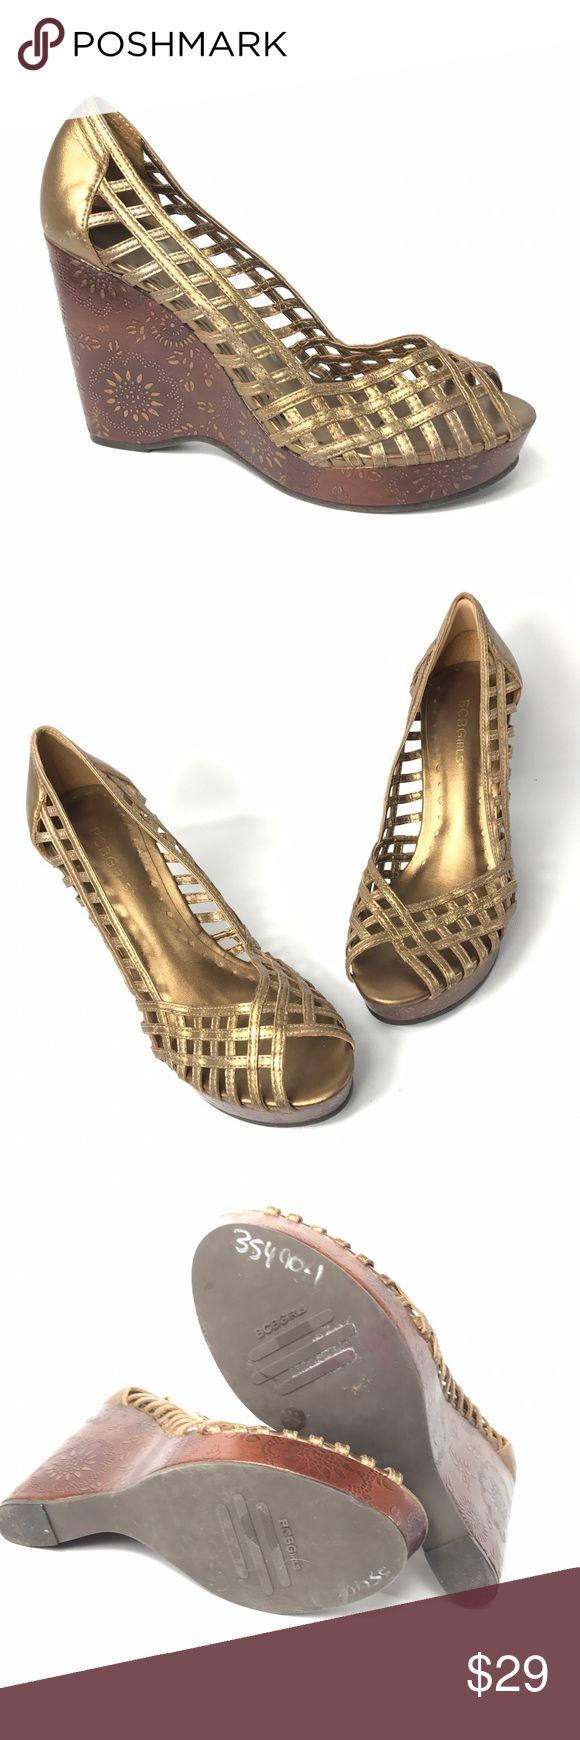 Dansko Shoes Near Me